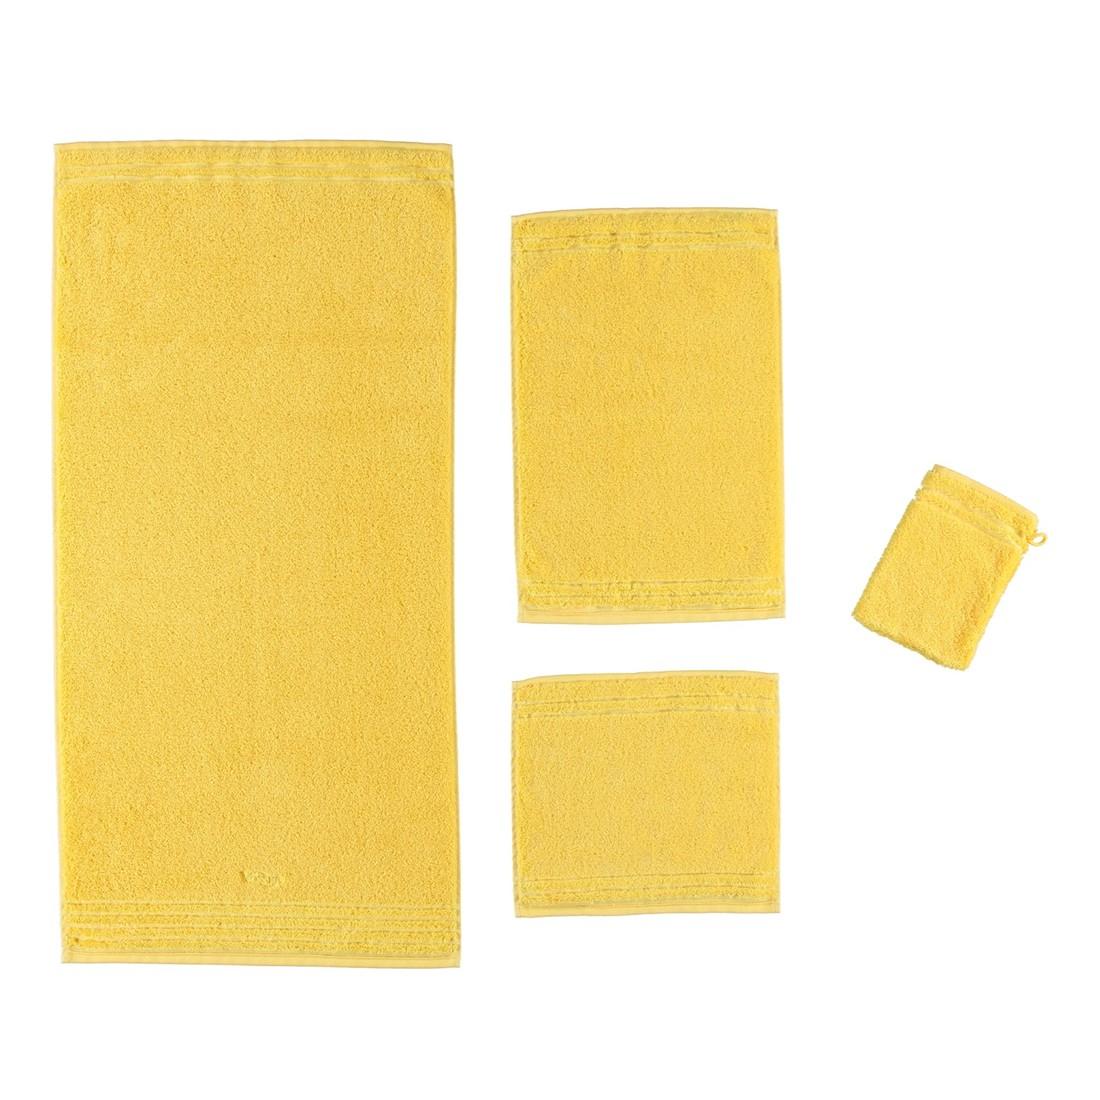 Handtuch Vienna Style Supersoft – 100% Baumwolle honey – 167 – Handtuch: 60 x 110 cm, Vossen günstig